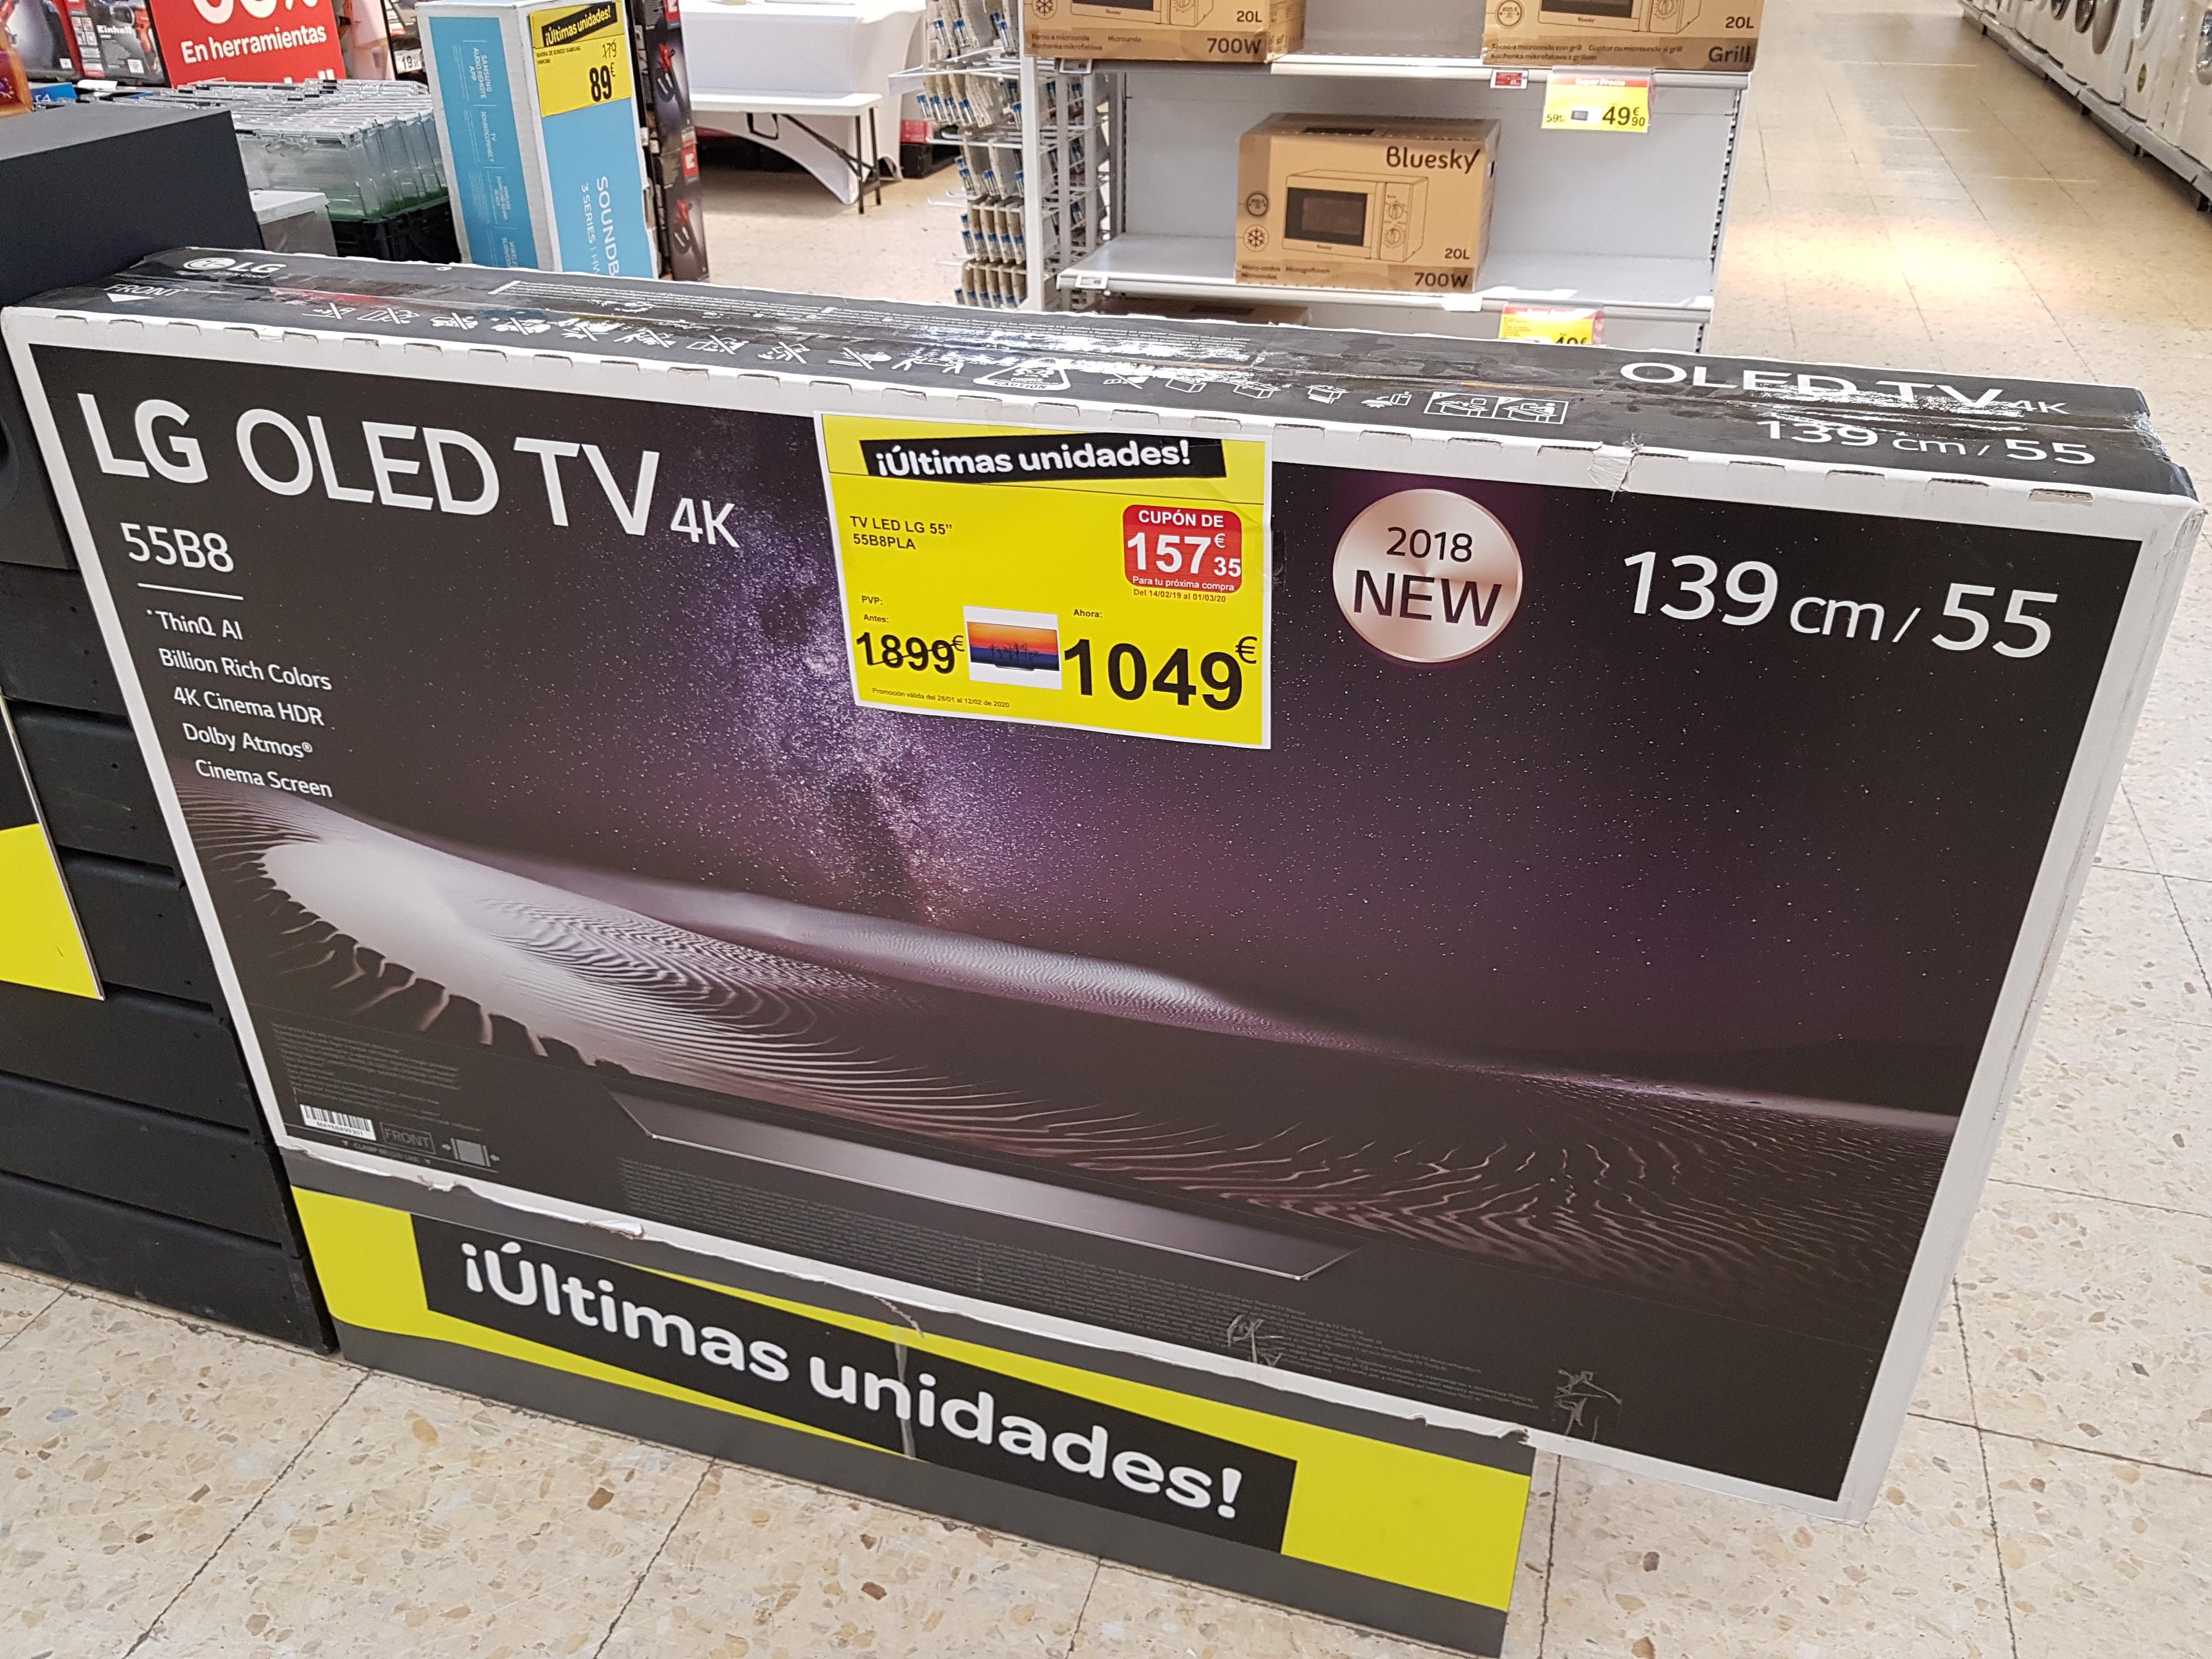 Televisor LG Oled 55B8 por 1049€ y regalo cupón de 157€ en Carrefour Peñacastillo